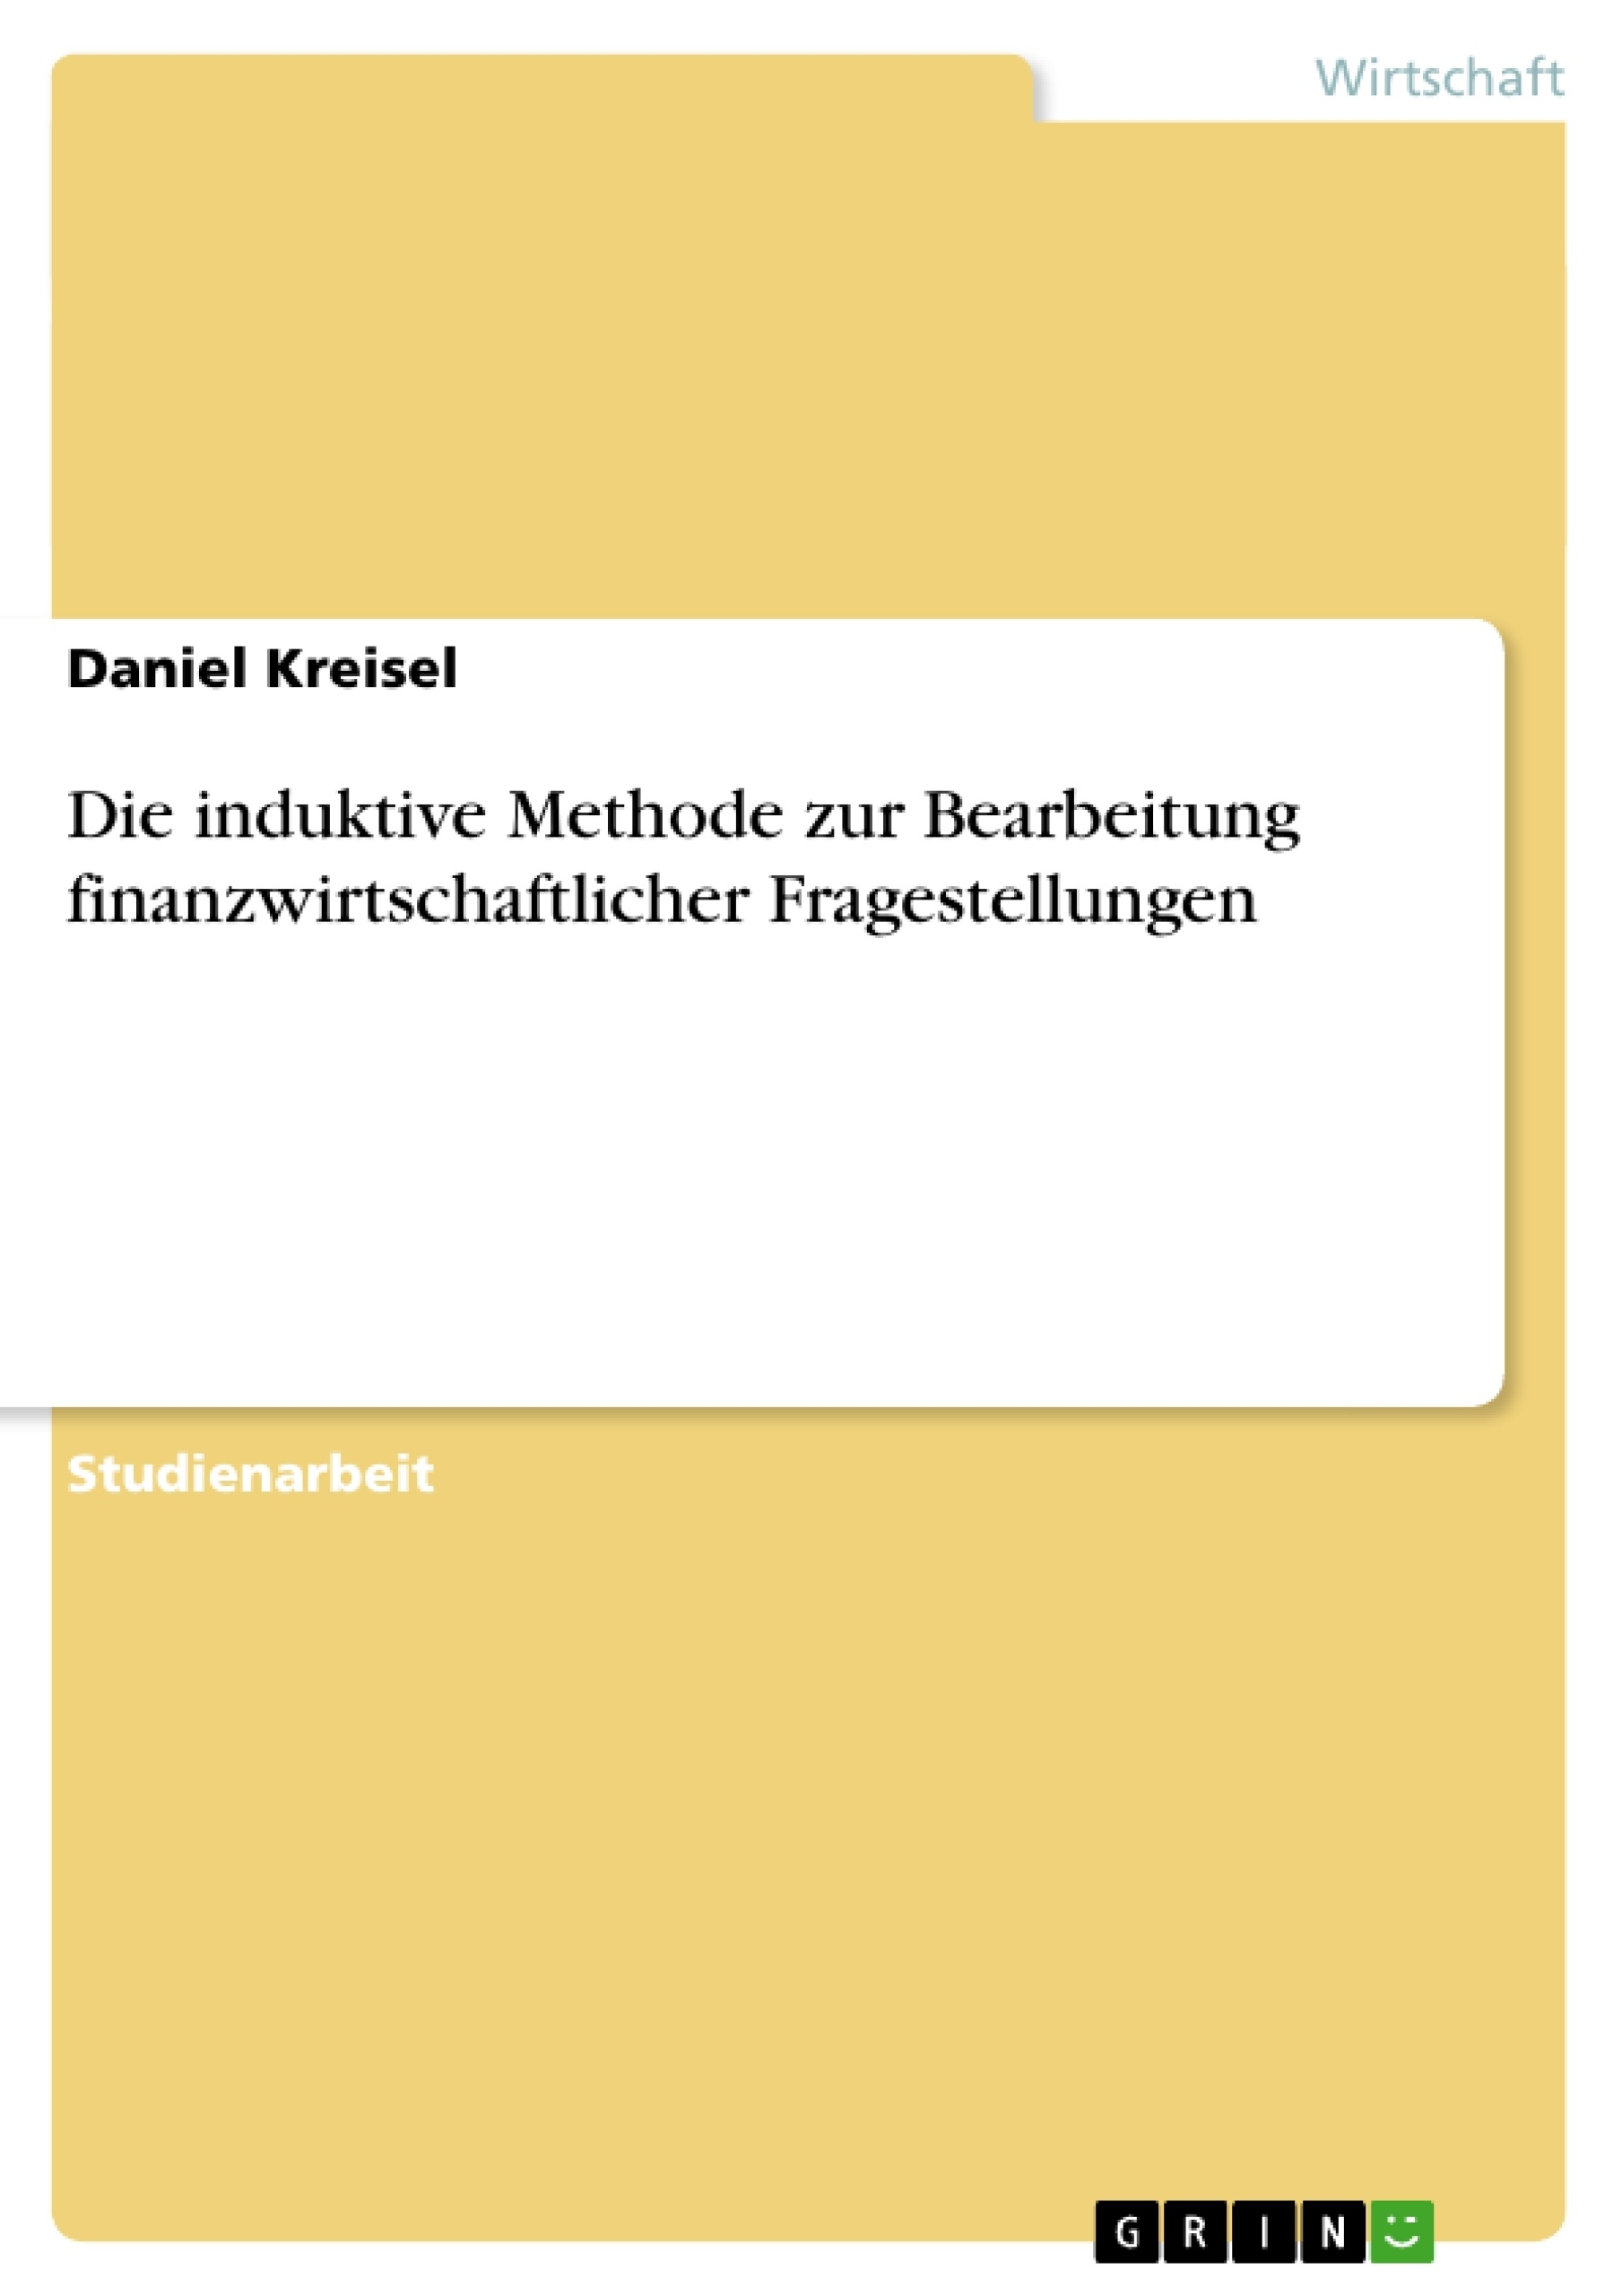 Titel: Die induktive Methode zur Bearbeitung finanzwirtschaftlicher Fragestellungen